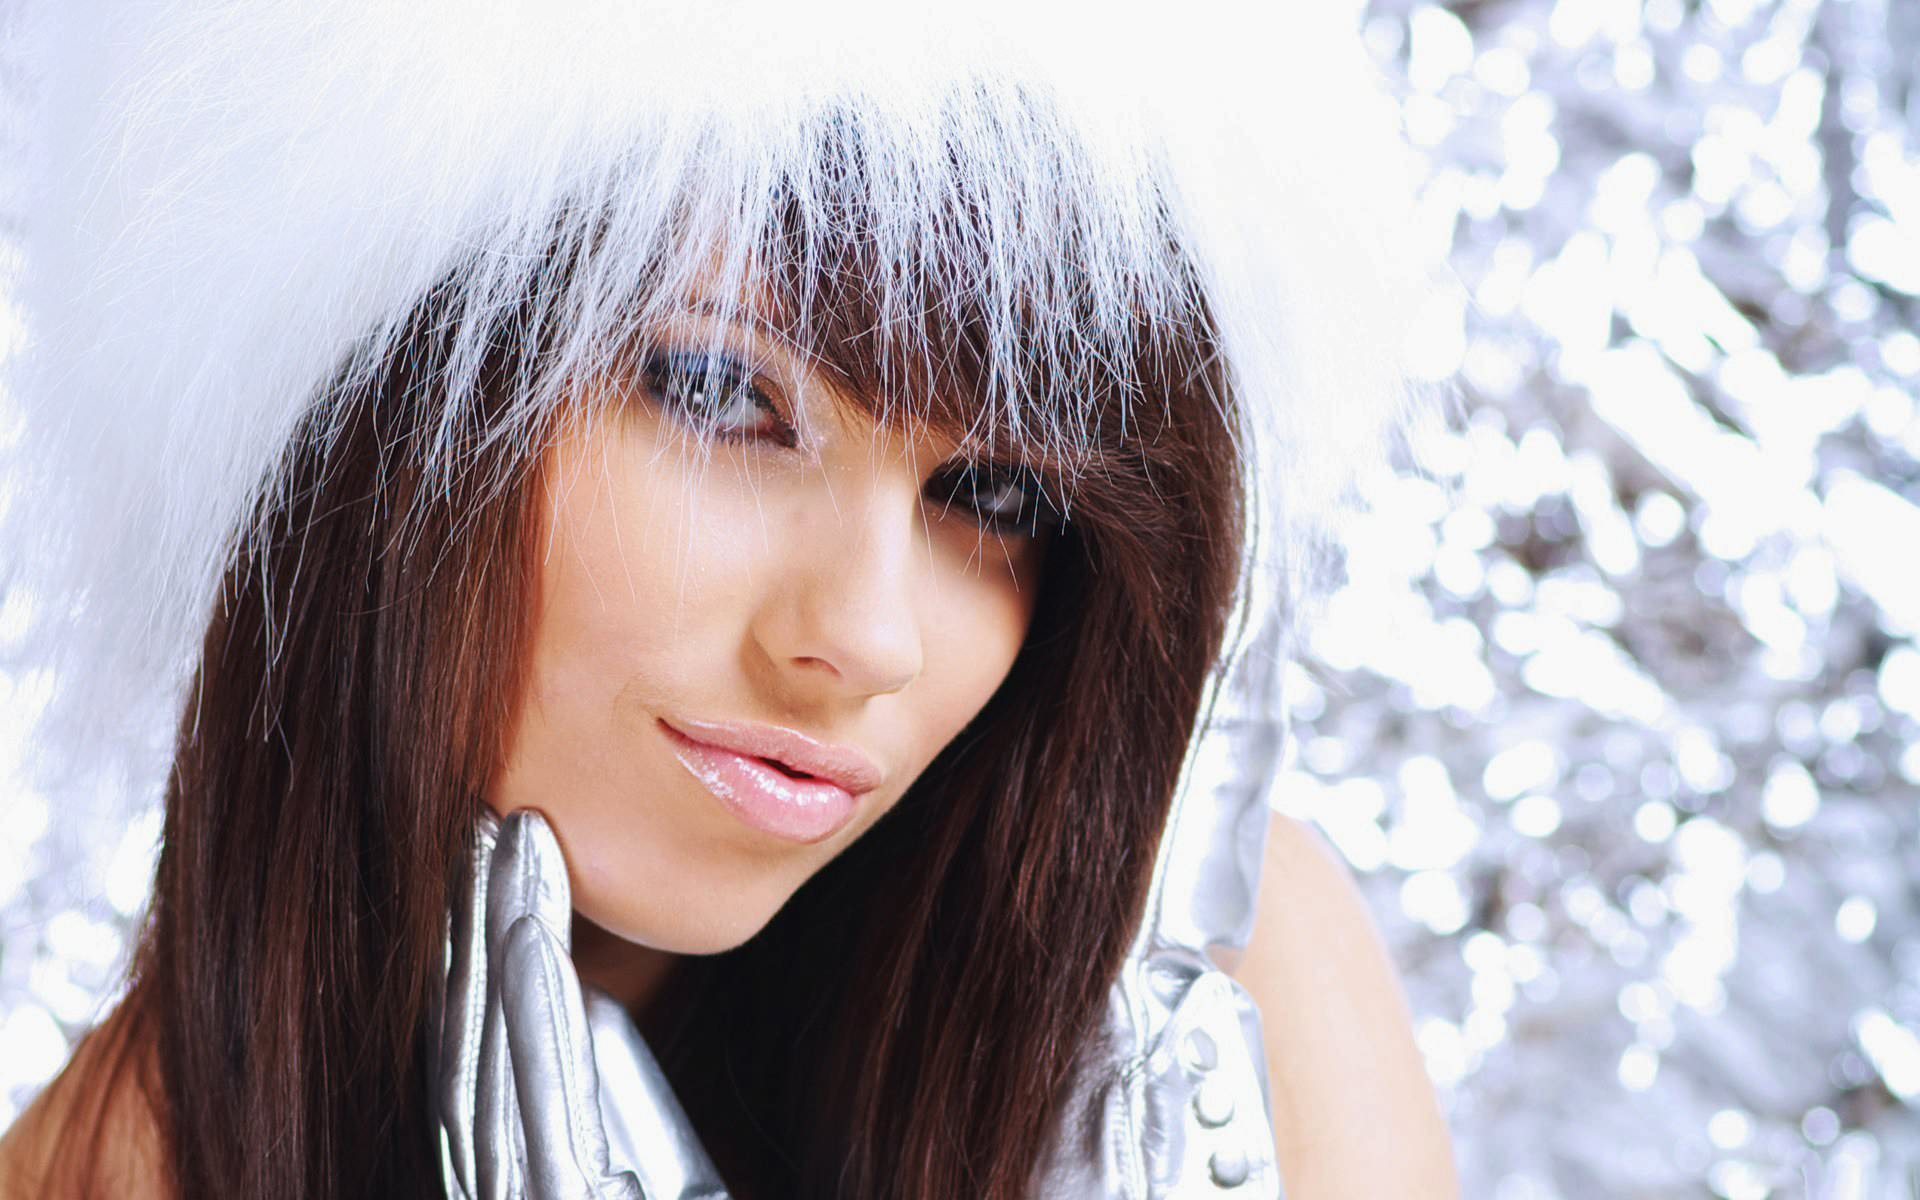 Самая красивая девушка одной брюнетки 14 фотография